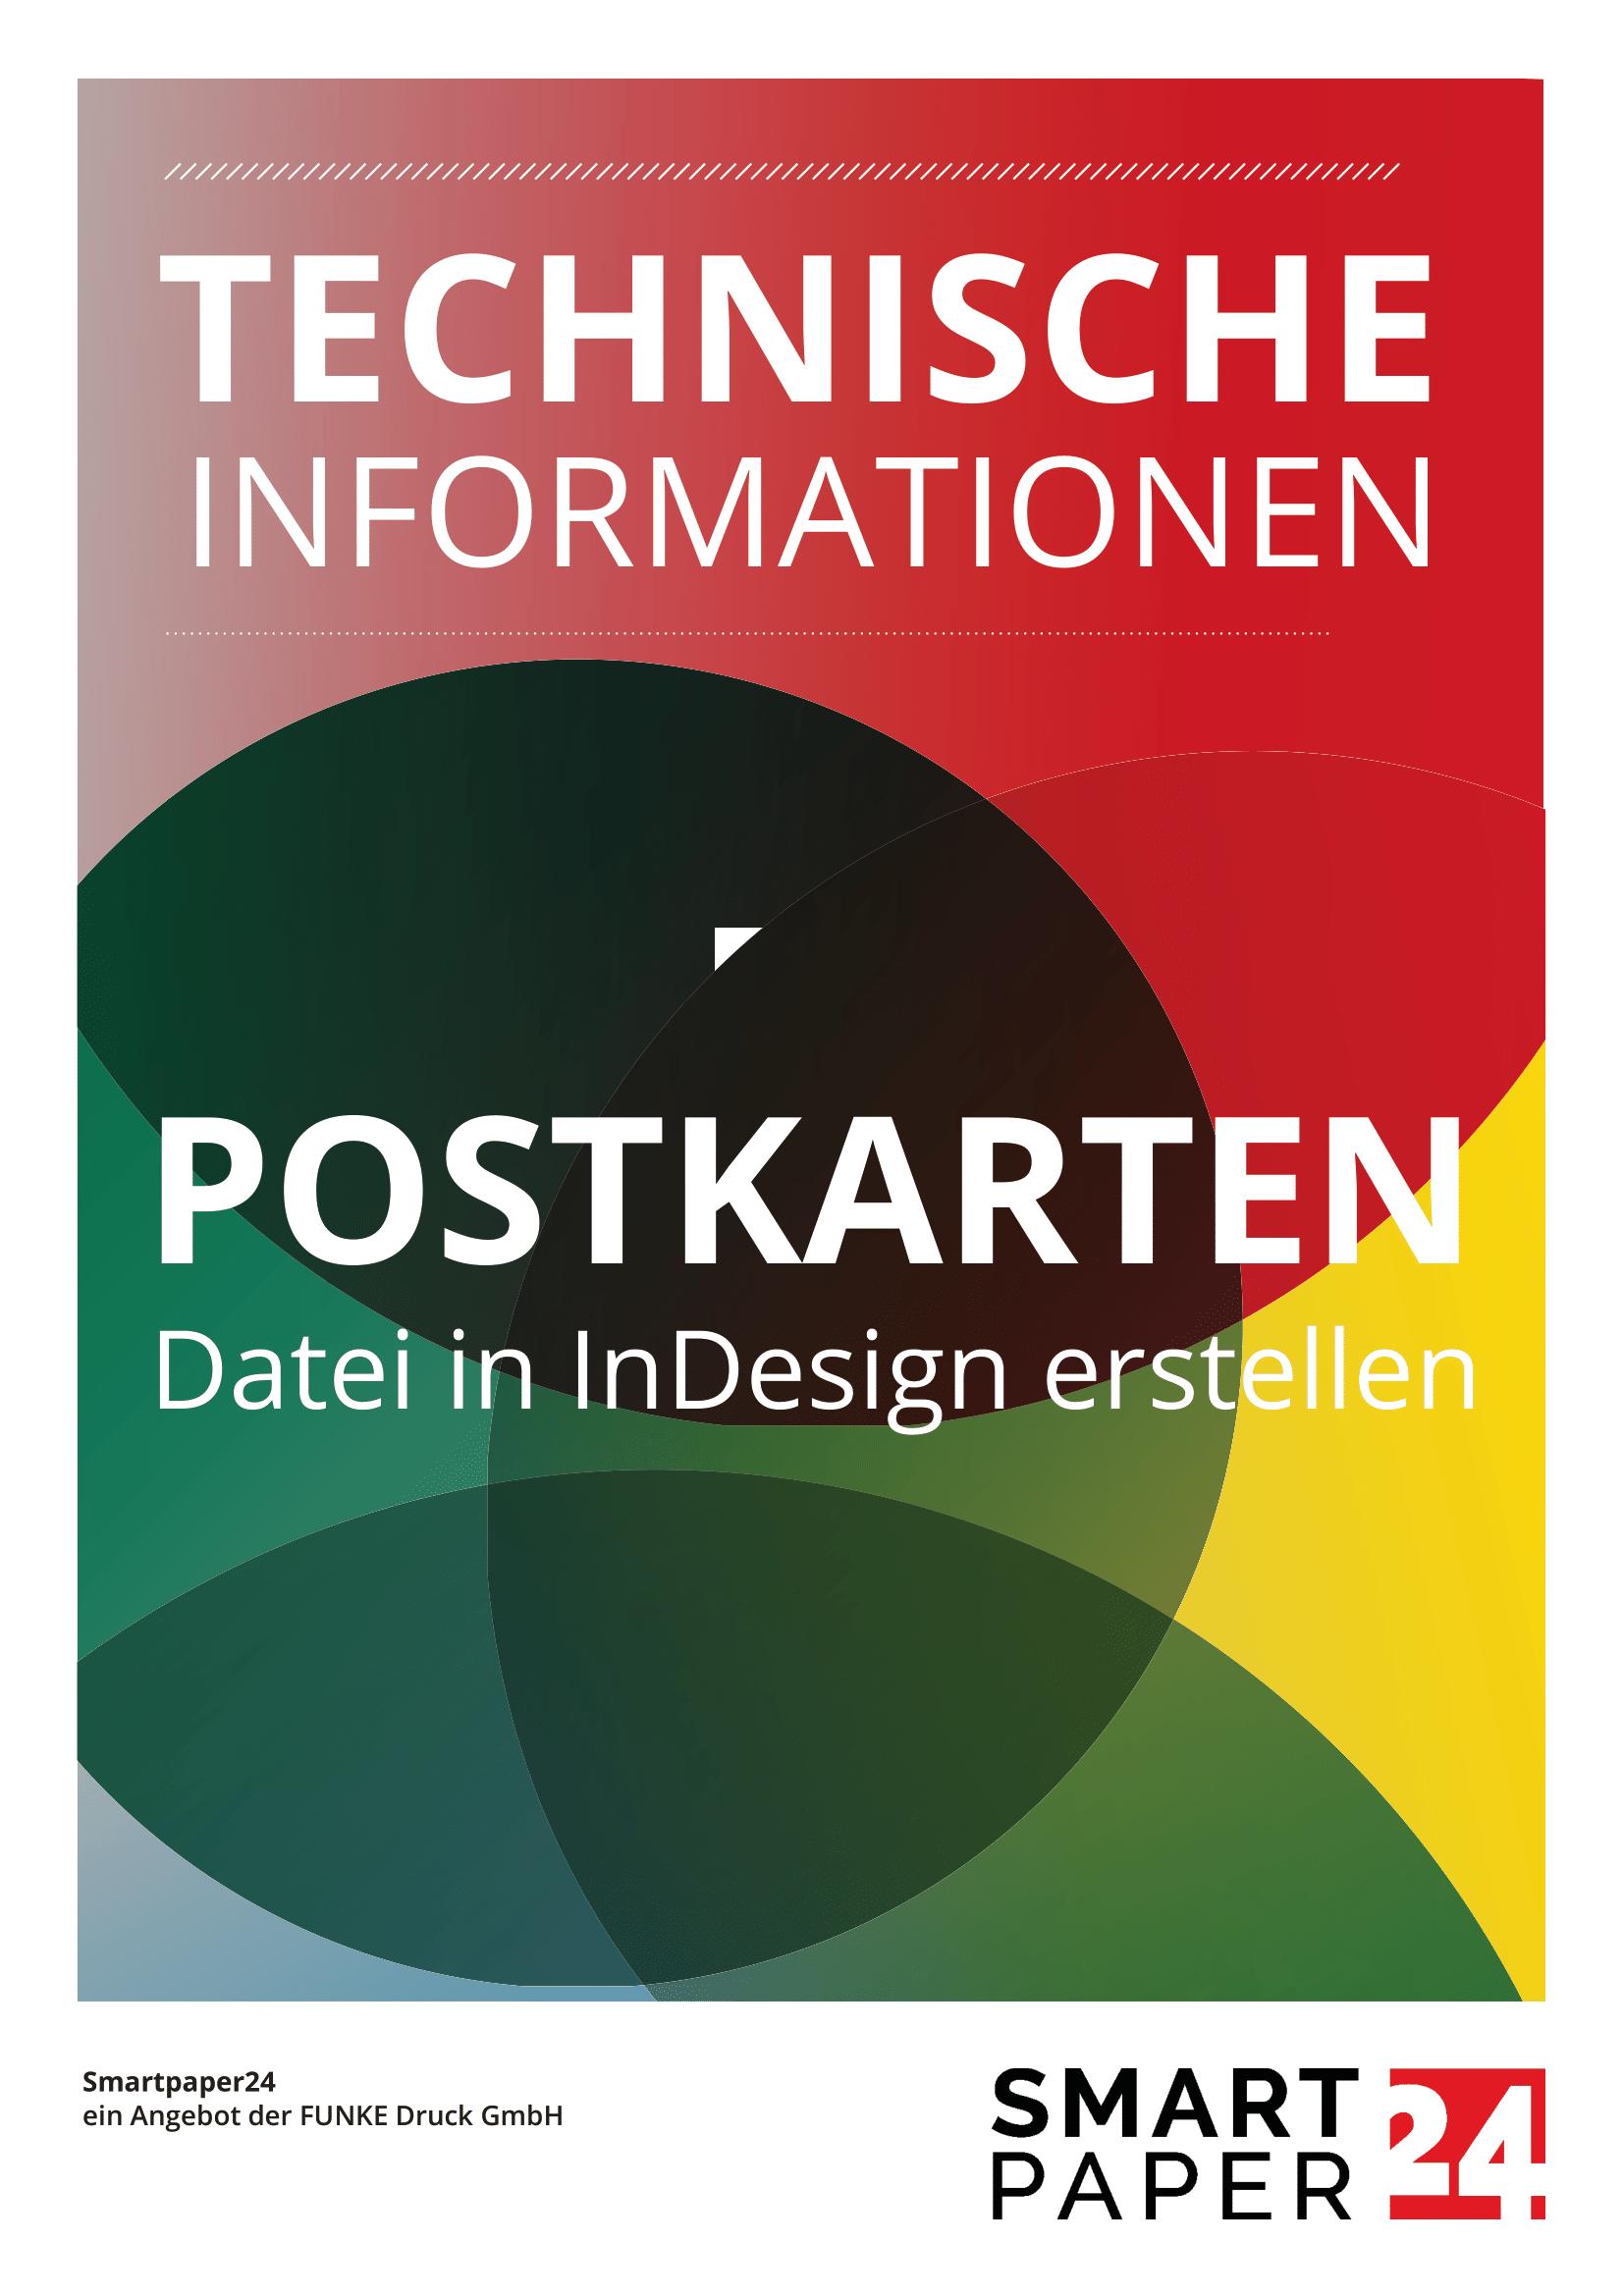 Postkarte mit InDesign erstellen - Anleitung